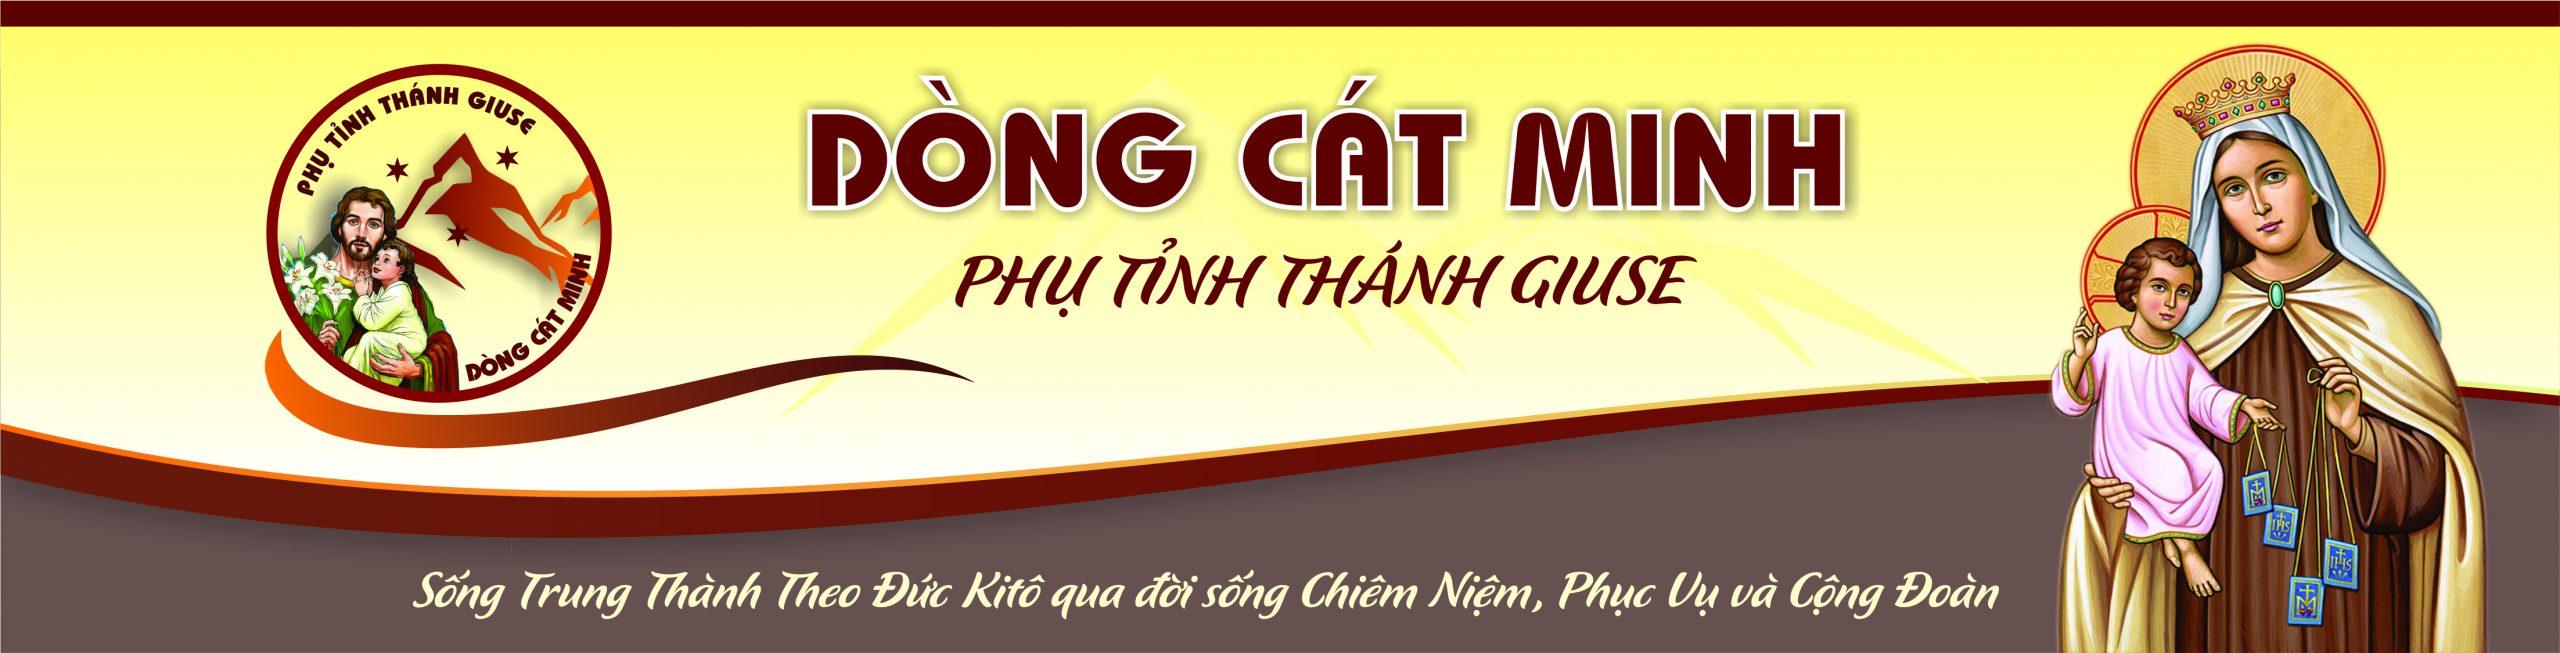 Dòng Cát Minh Việt Nam